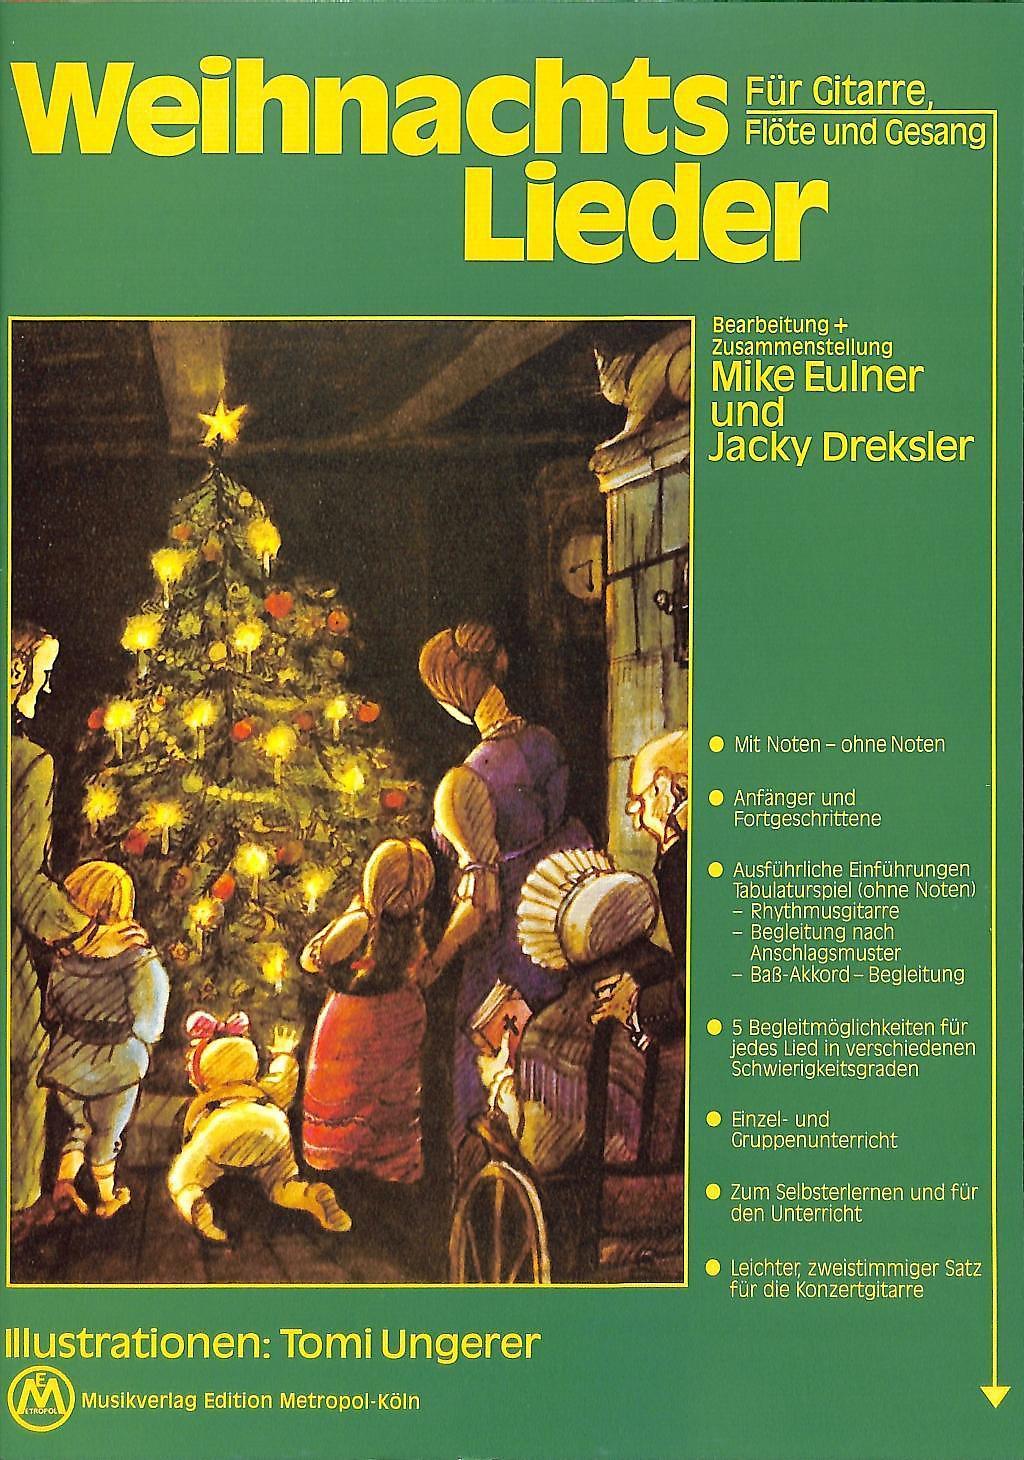 Weihnachtslieder für Gitarre, Flöte und Gesang Buch portofrei